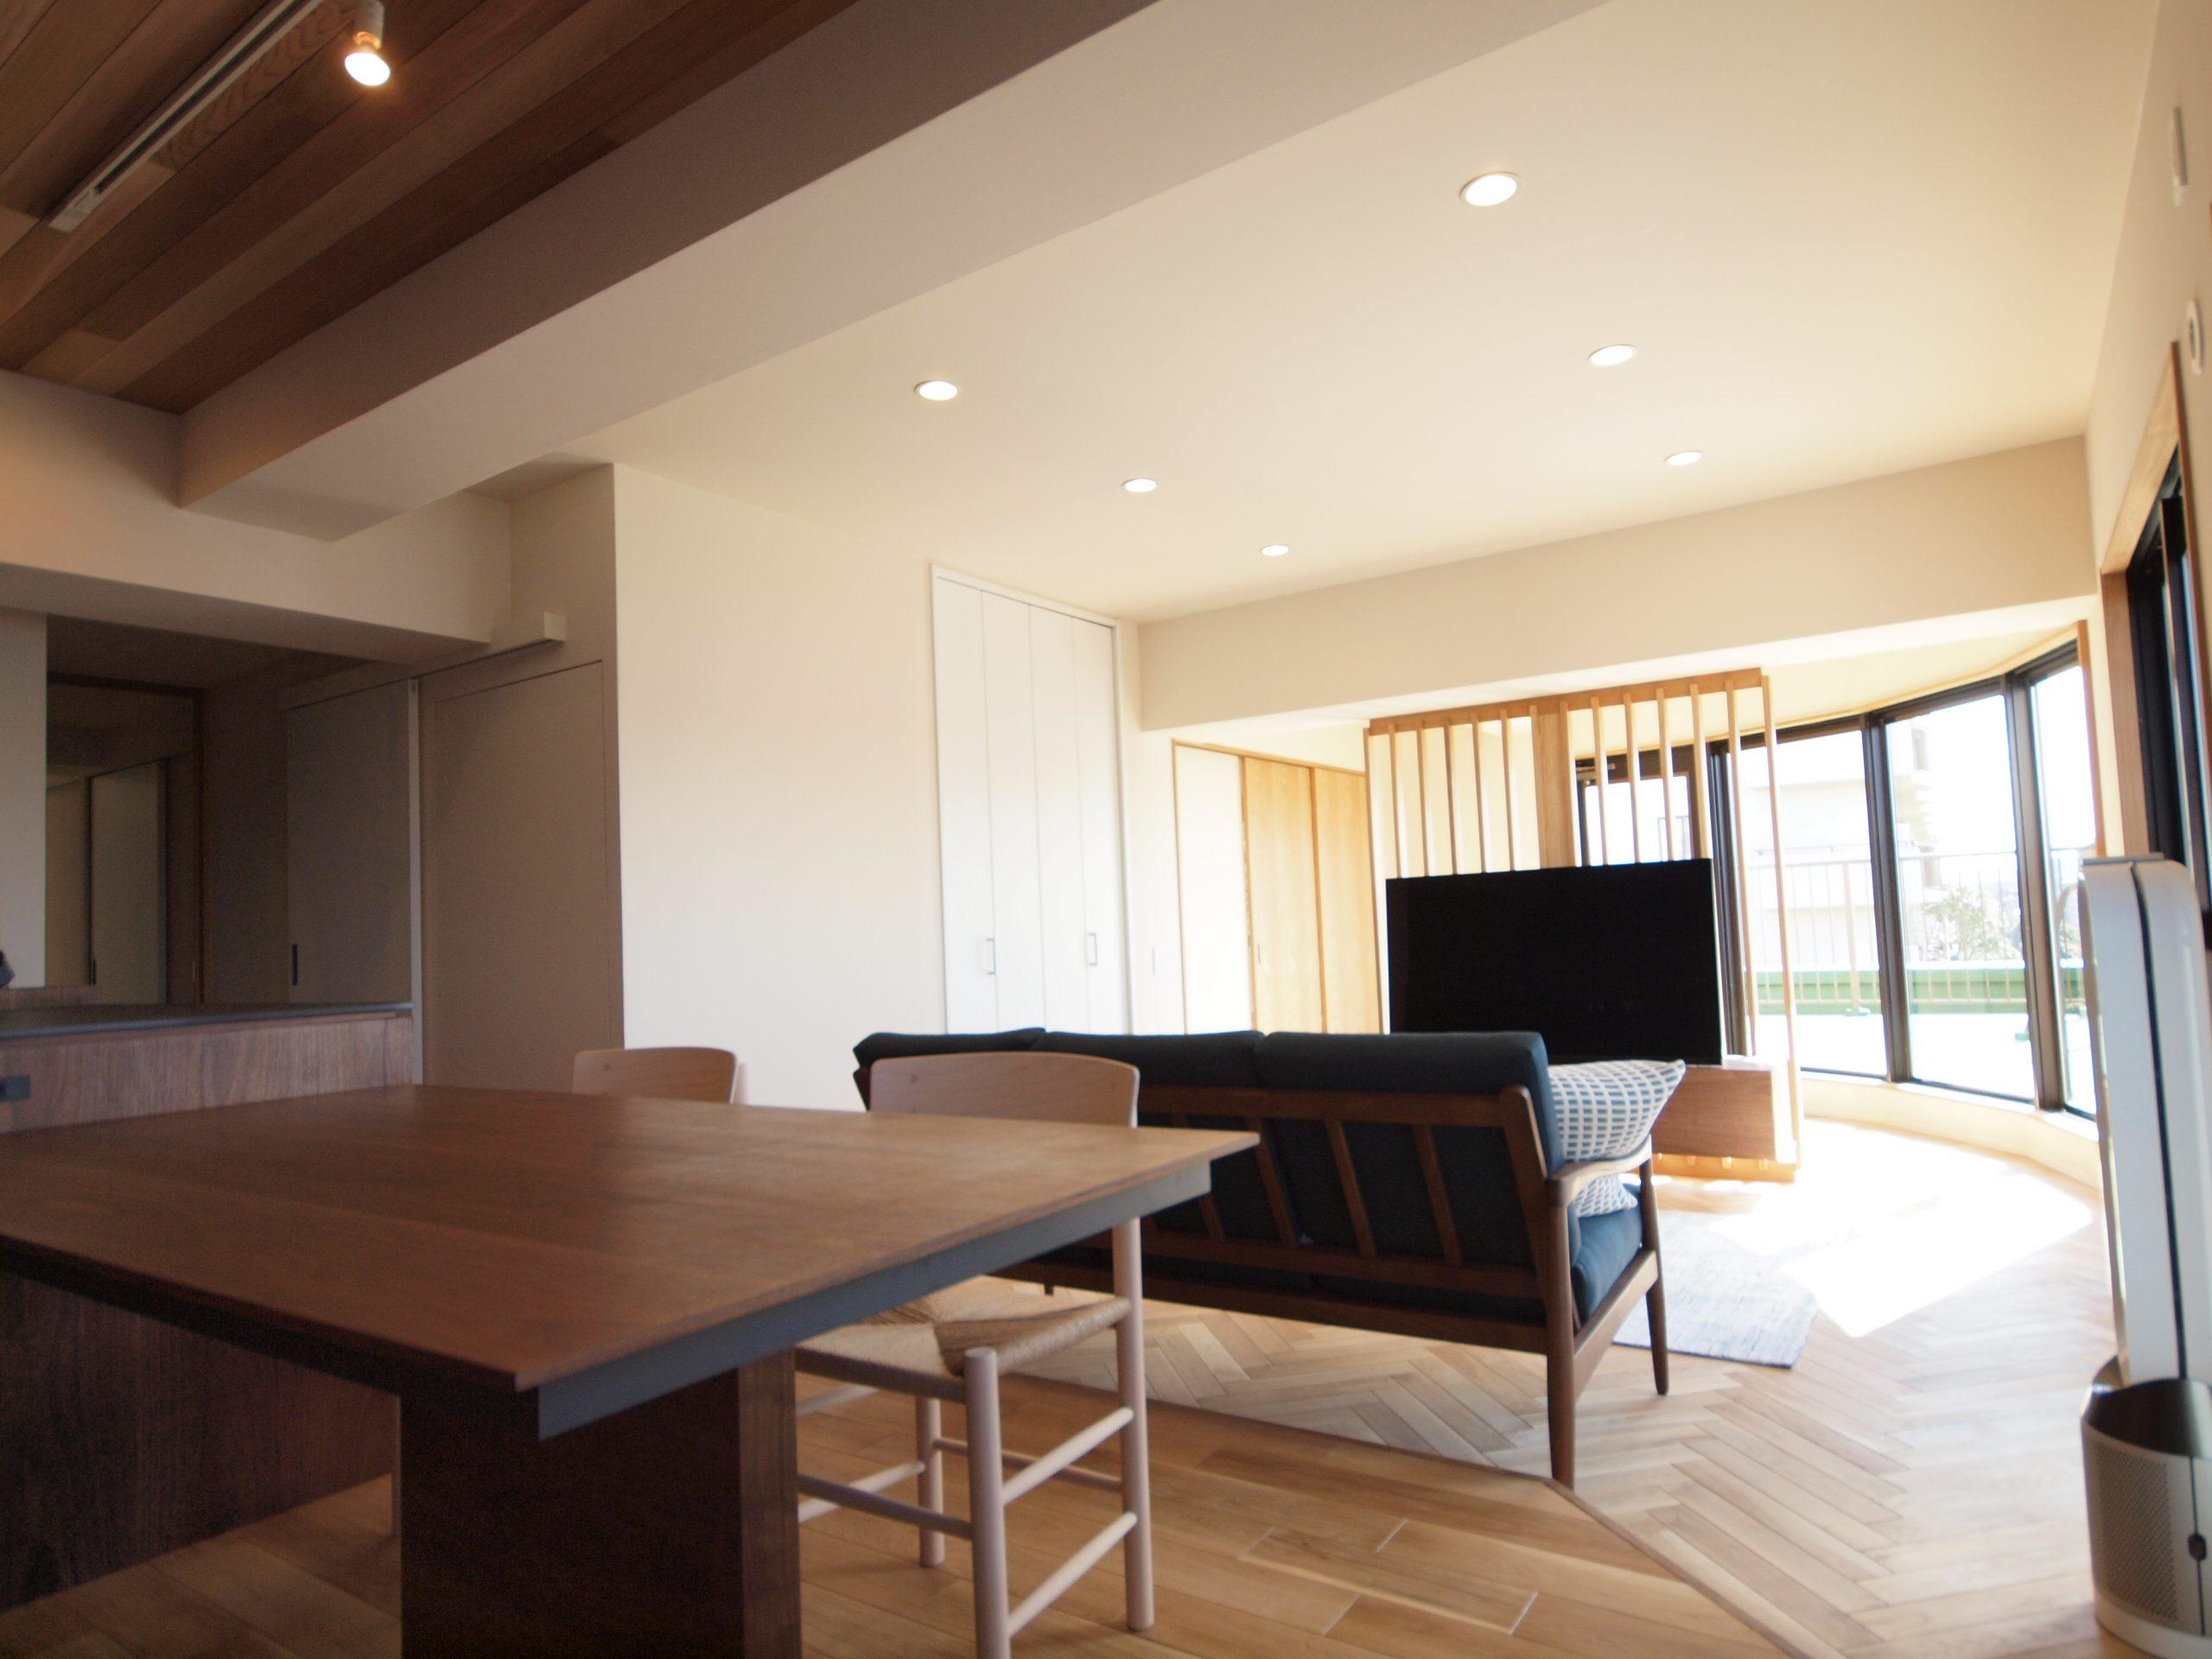 リノベーション施工案件: オーダーメイドキッチン・北欧家具・PB060324 | CRAFT WORKS. | 株式会社CWT | クラフトワークス | 新築、店舗、住宅、マンションのリフォームとリノベーション | Residential renovation | 福岡県北九州市